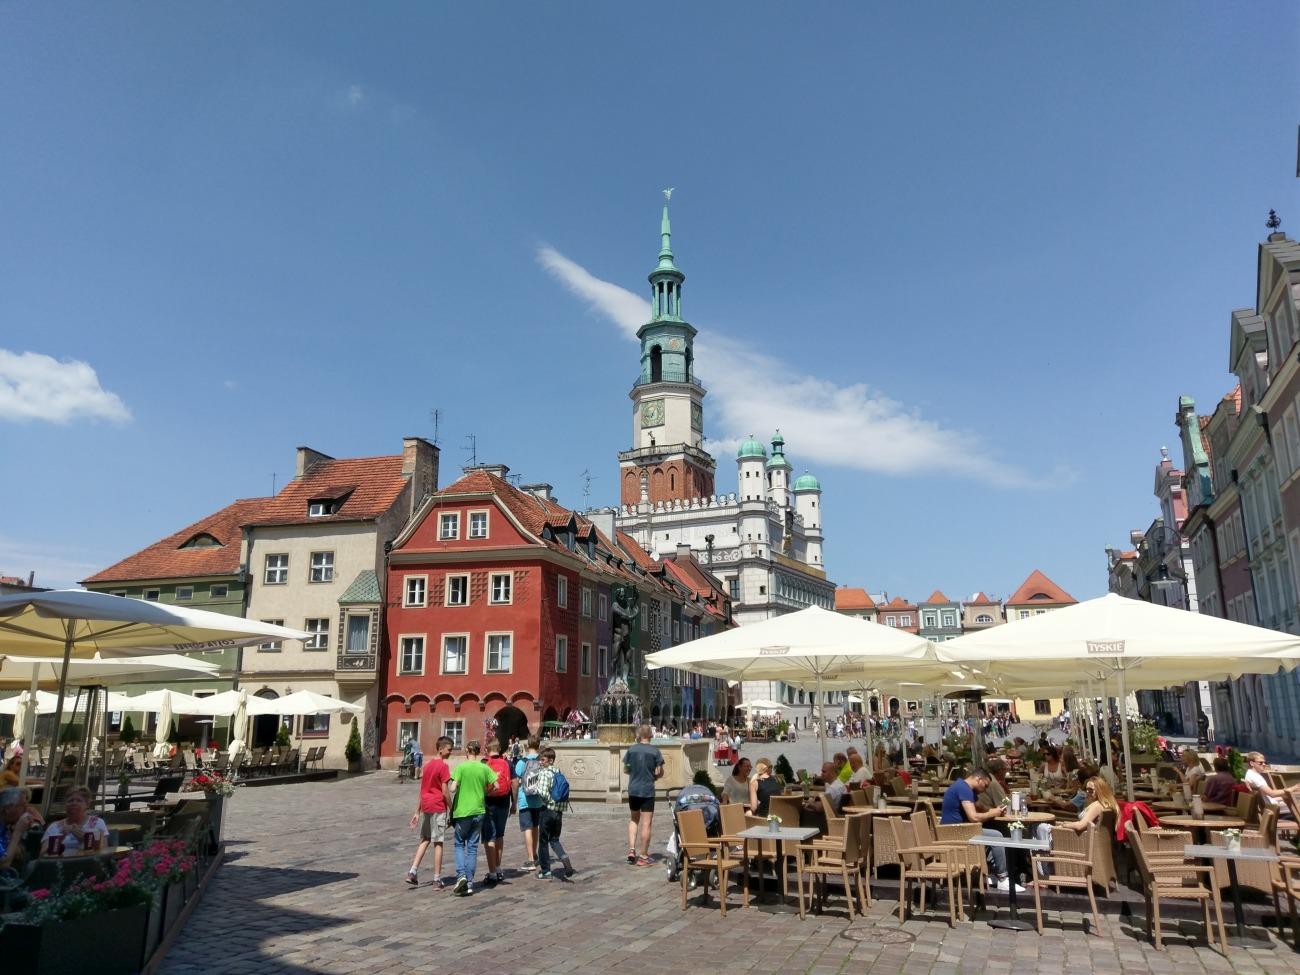 Stary Rynek w Poznaniu - zdjęcie wykonane HTC 10 - 90sekund.pl